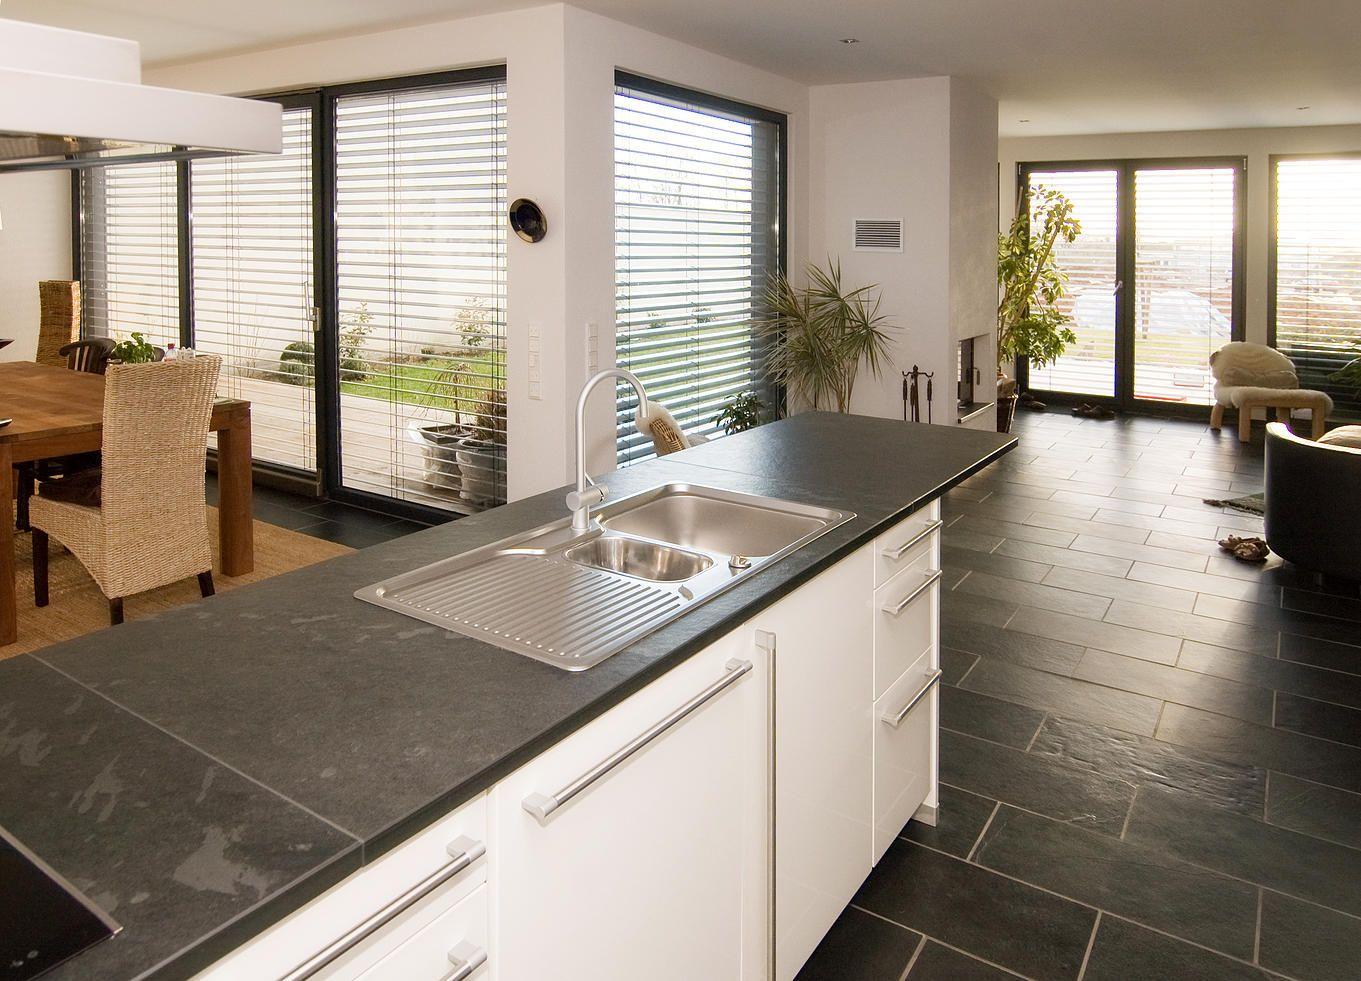 Kuchengestaltung Mit Schiefer Und Naturstein Kuche Naturstein Kuchenboden Arbeitsplatte Kuche